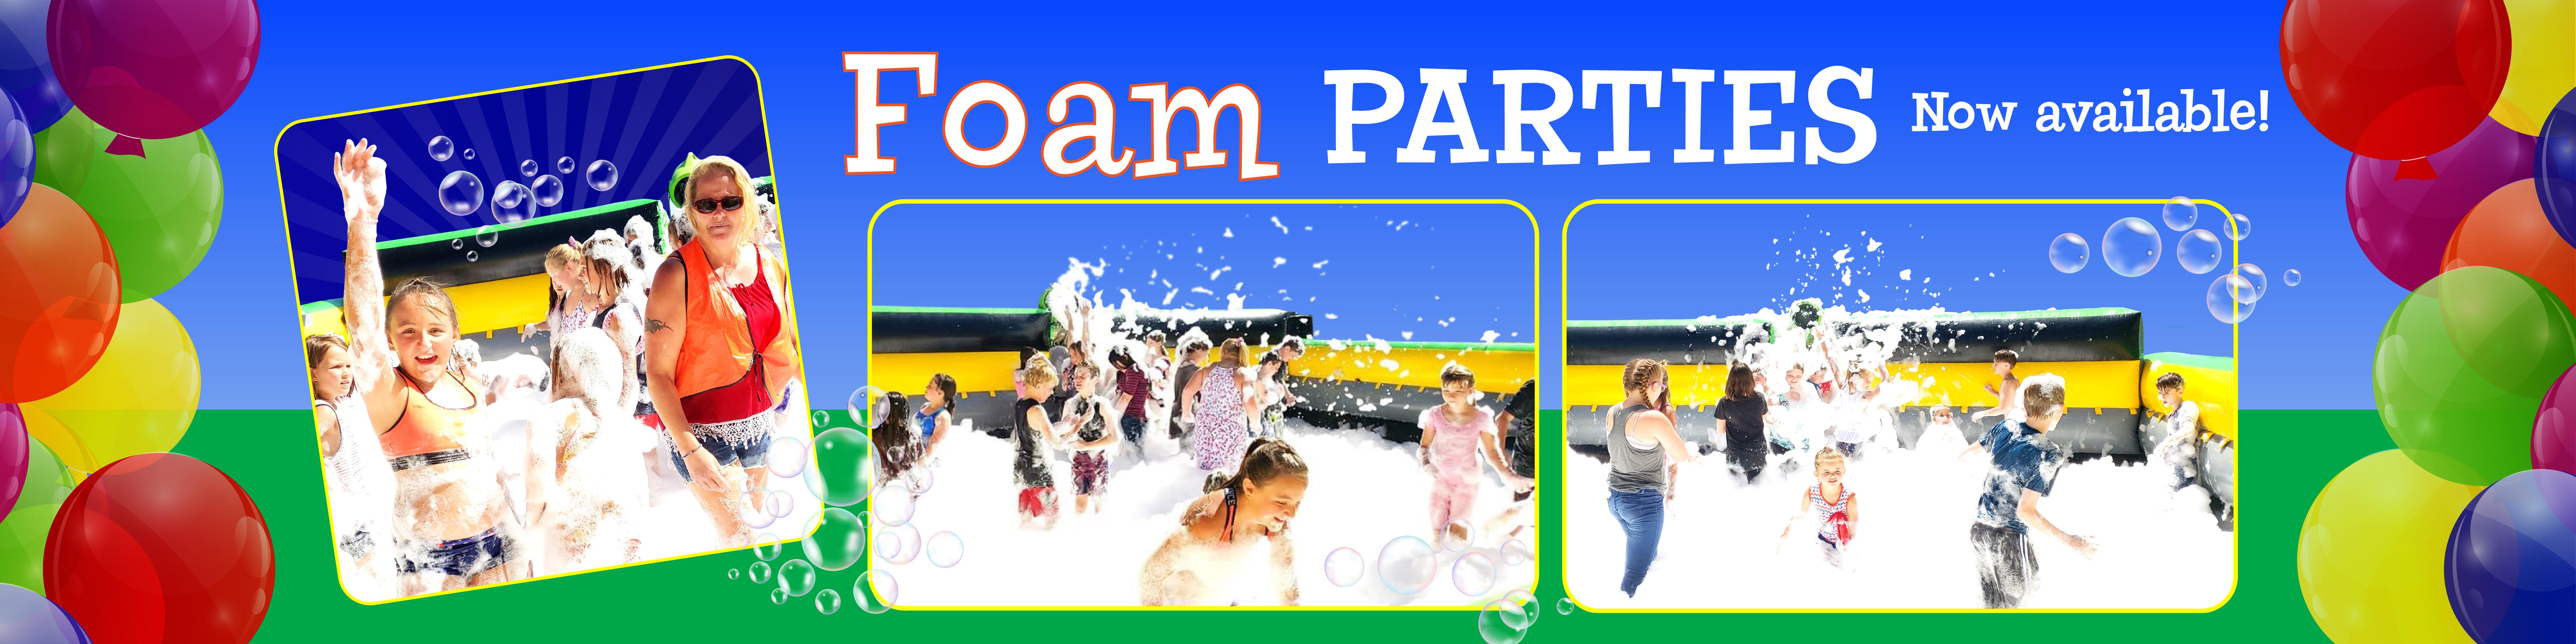 Foam Parties by Jumpin Jack Splash